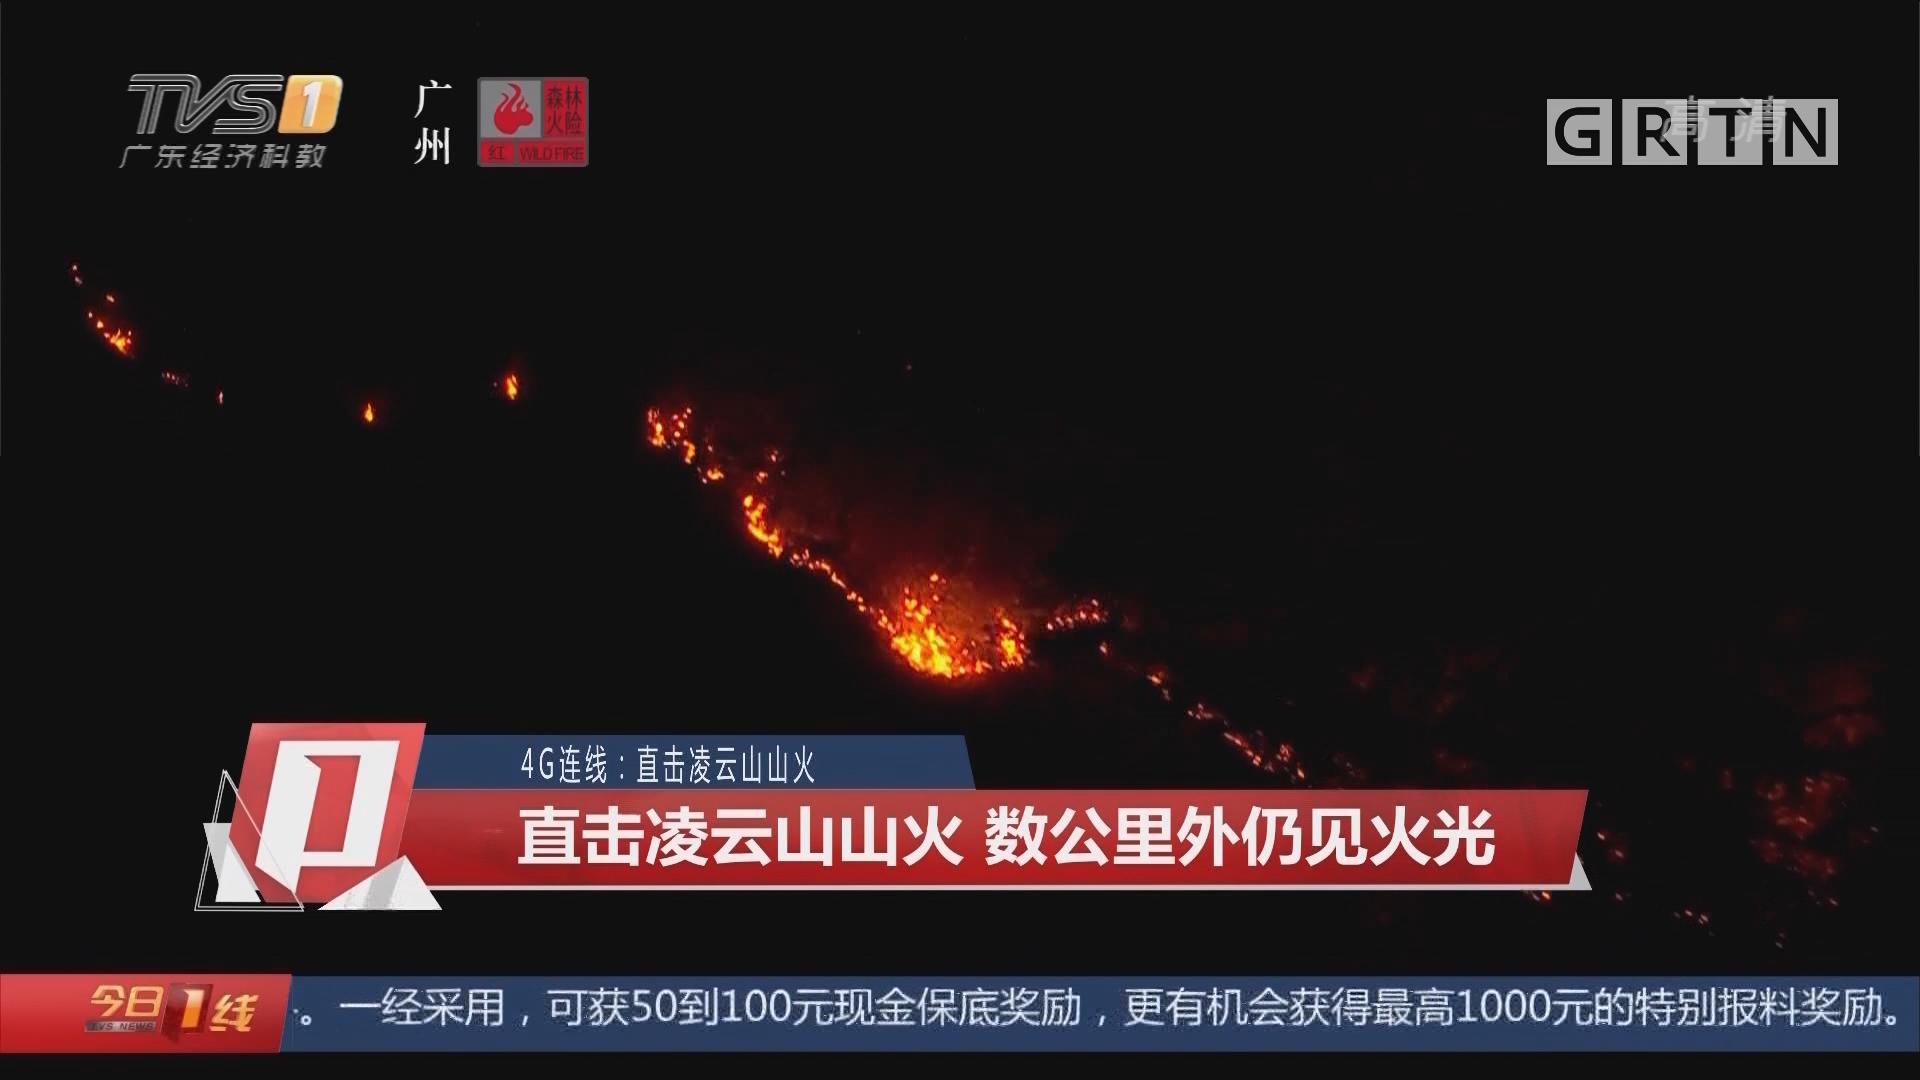 4G连线:直击凌云山山火 直击凌云山山火 数公里外仍见火光